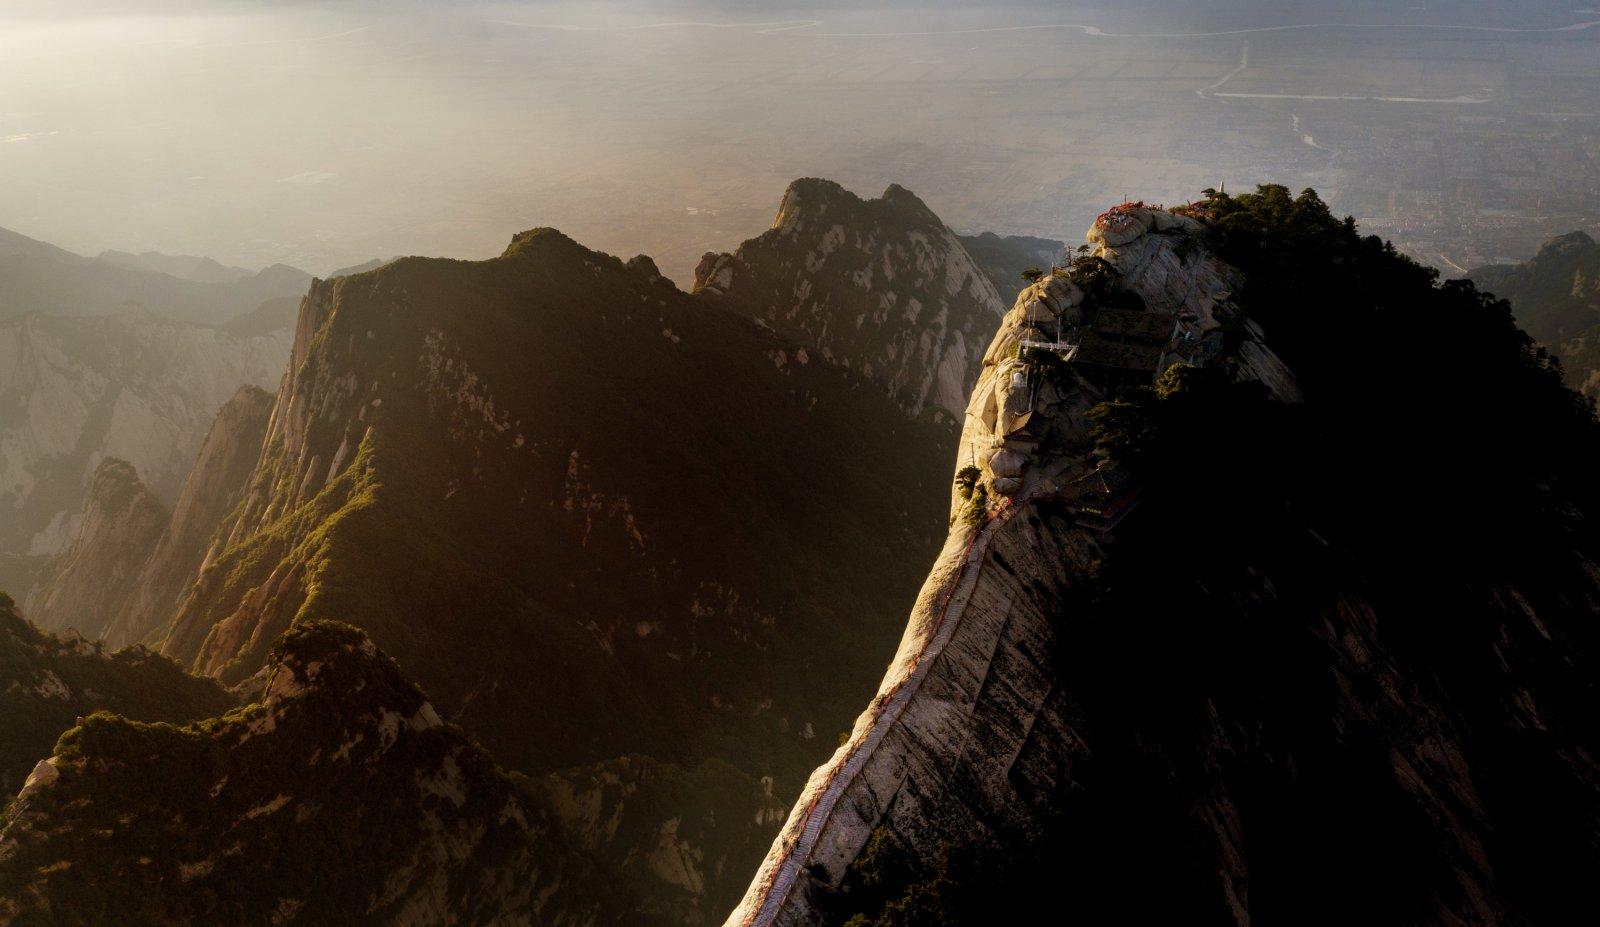 6月19日拍攝的晚霞映照下的華山風光(無人機照片)。(新華社)